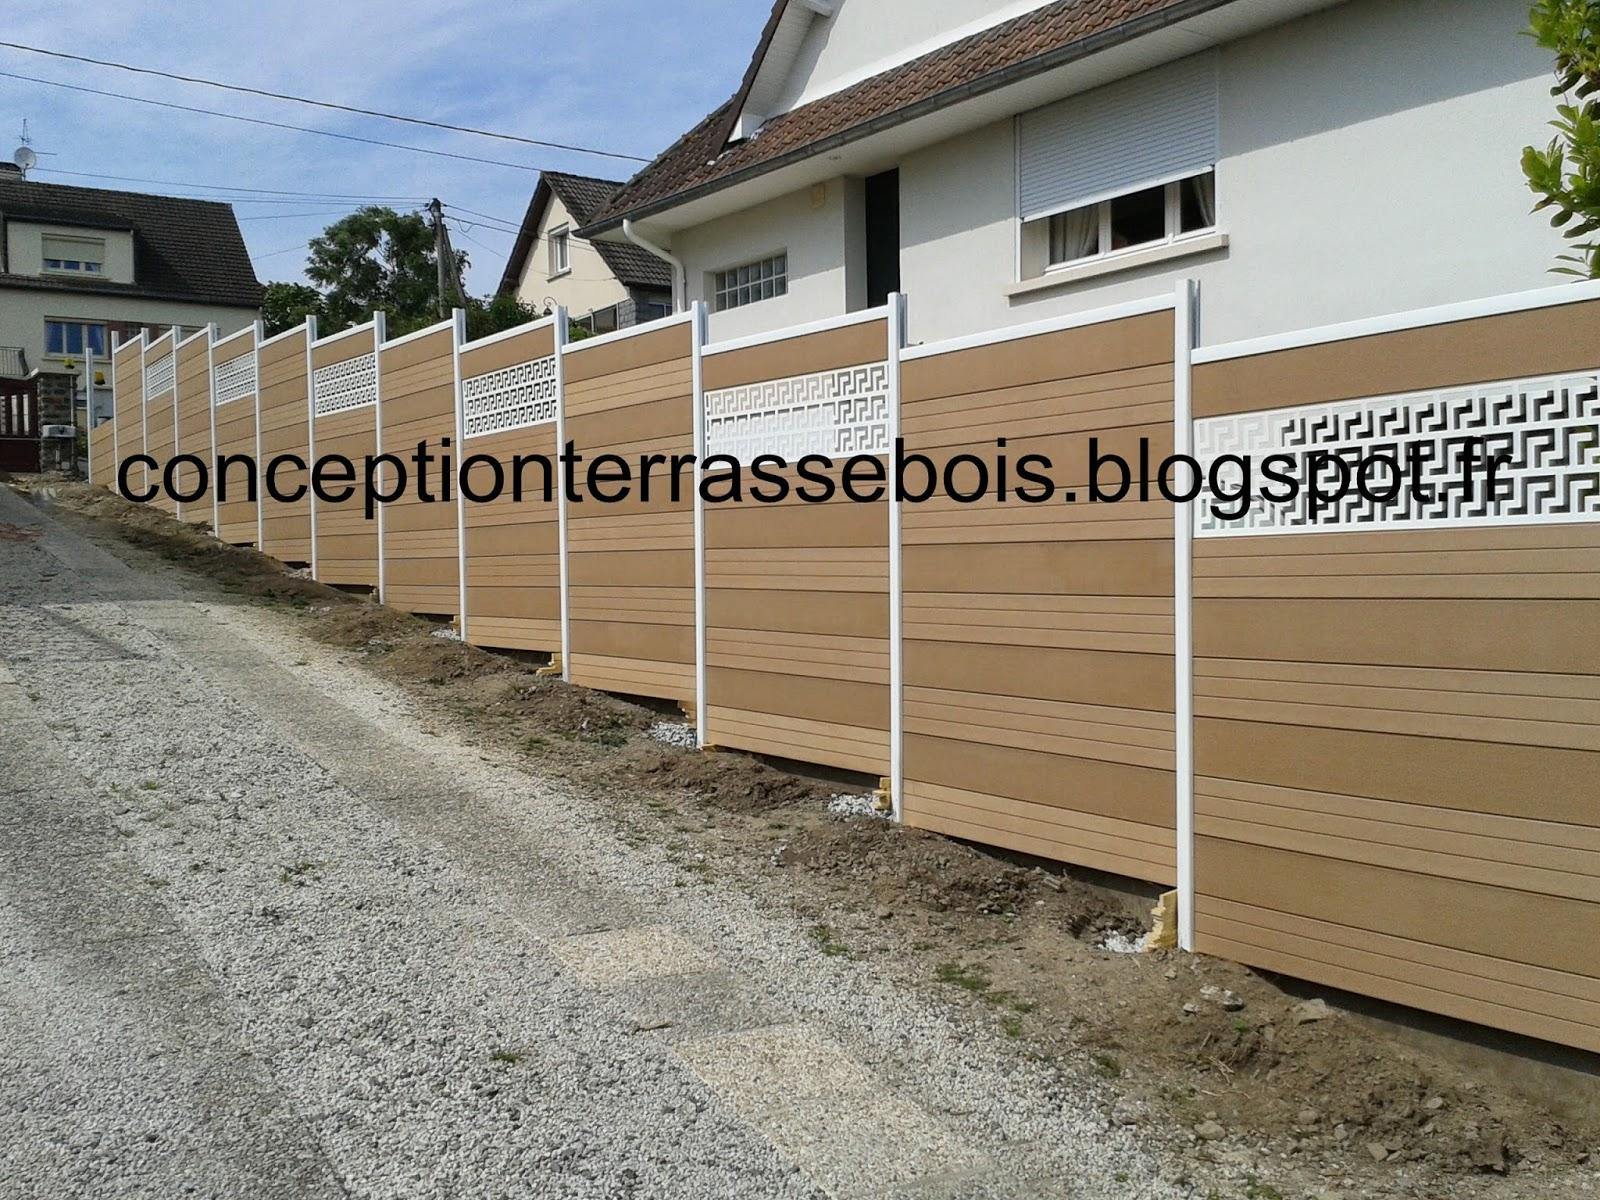 cl ture composite conception d 39 une terrasse en bois. Black Bedroom Furniture Sets. Home Design Ideas